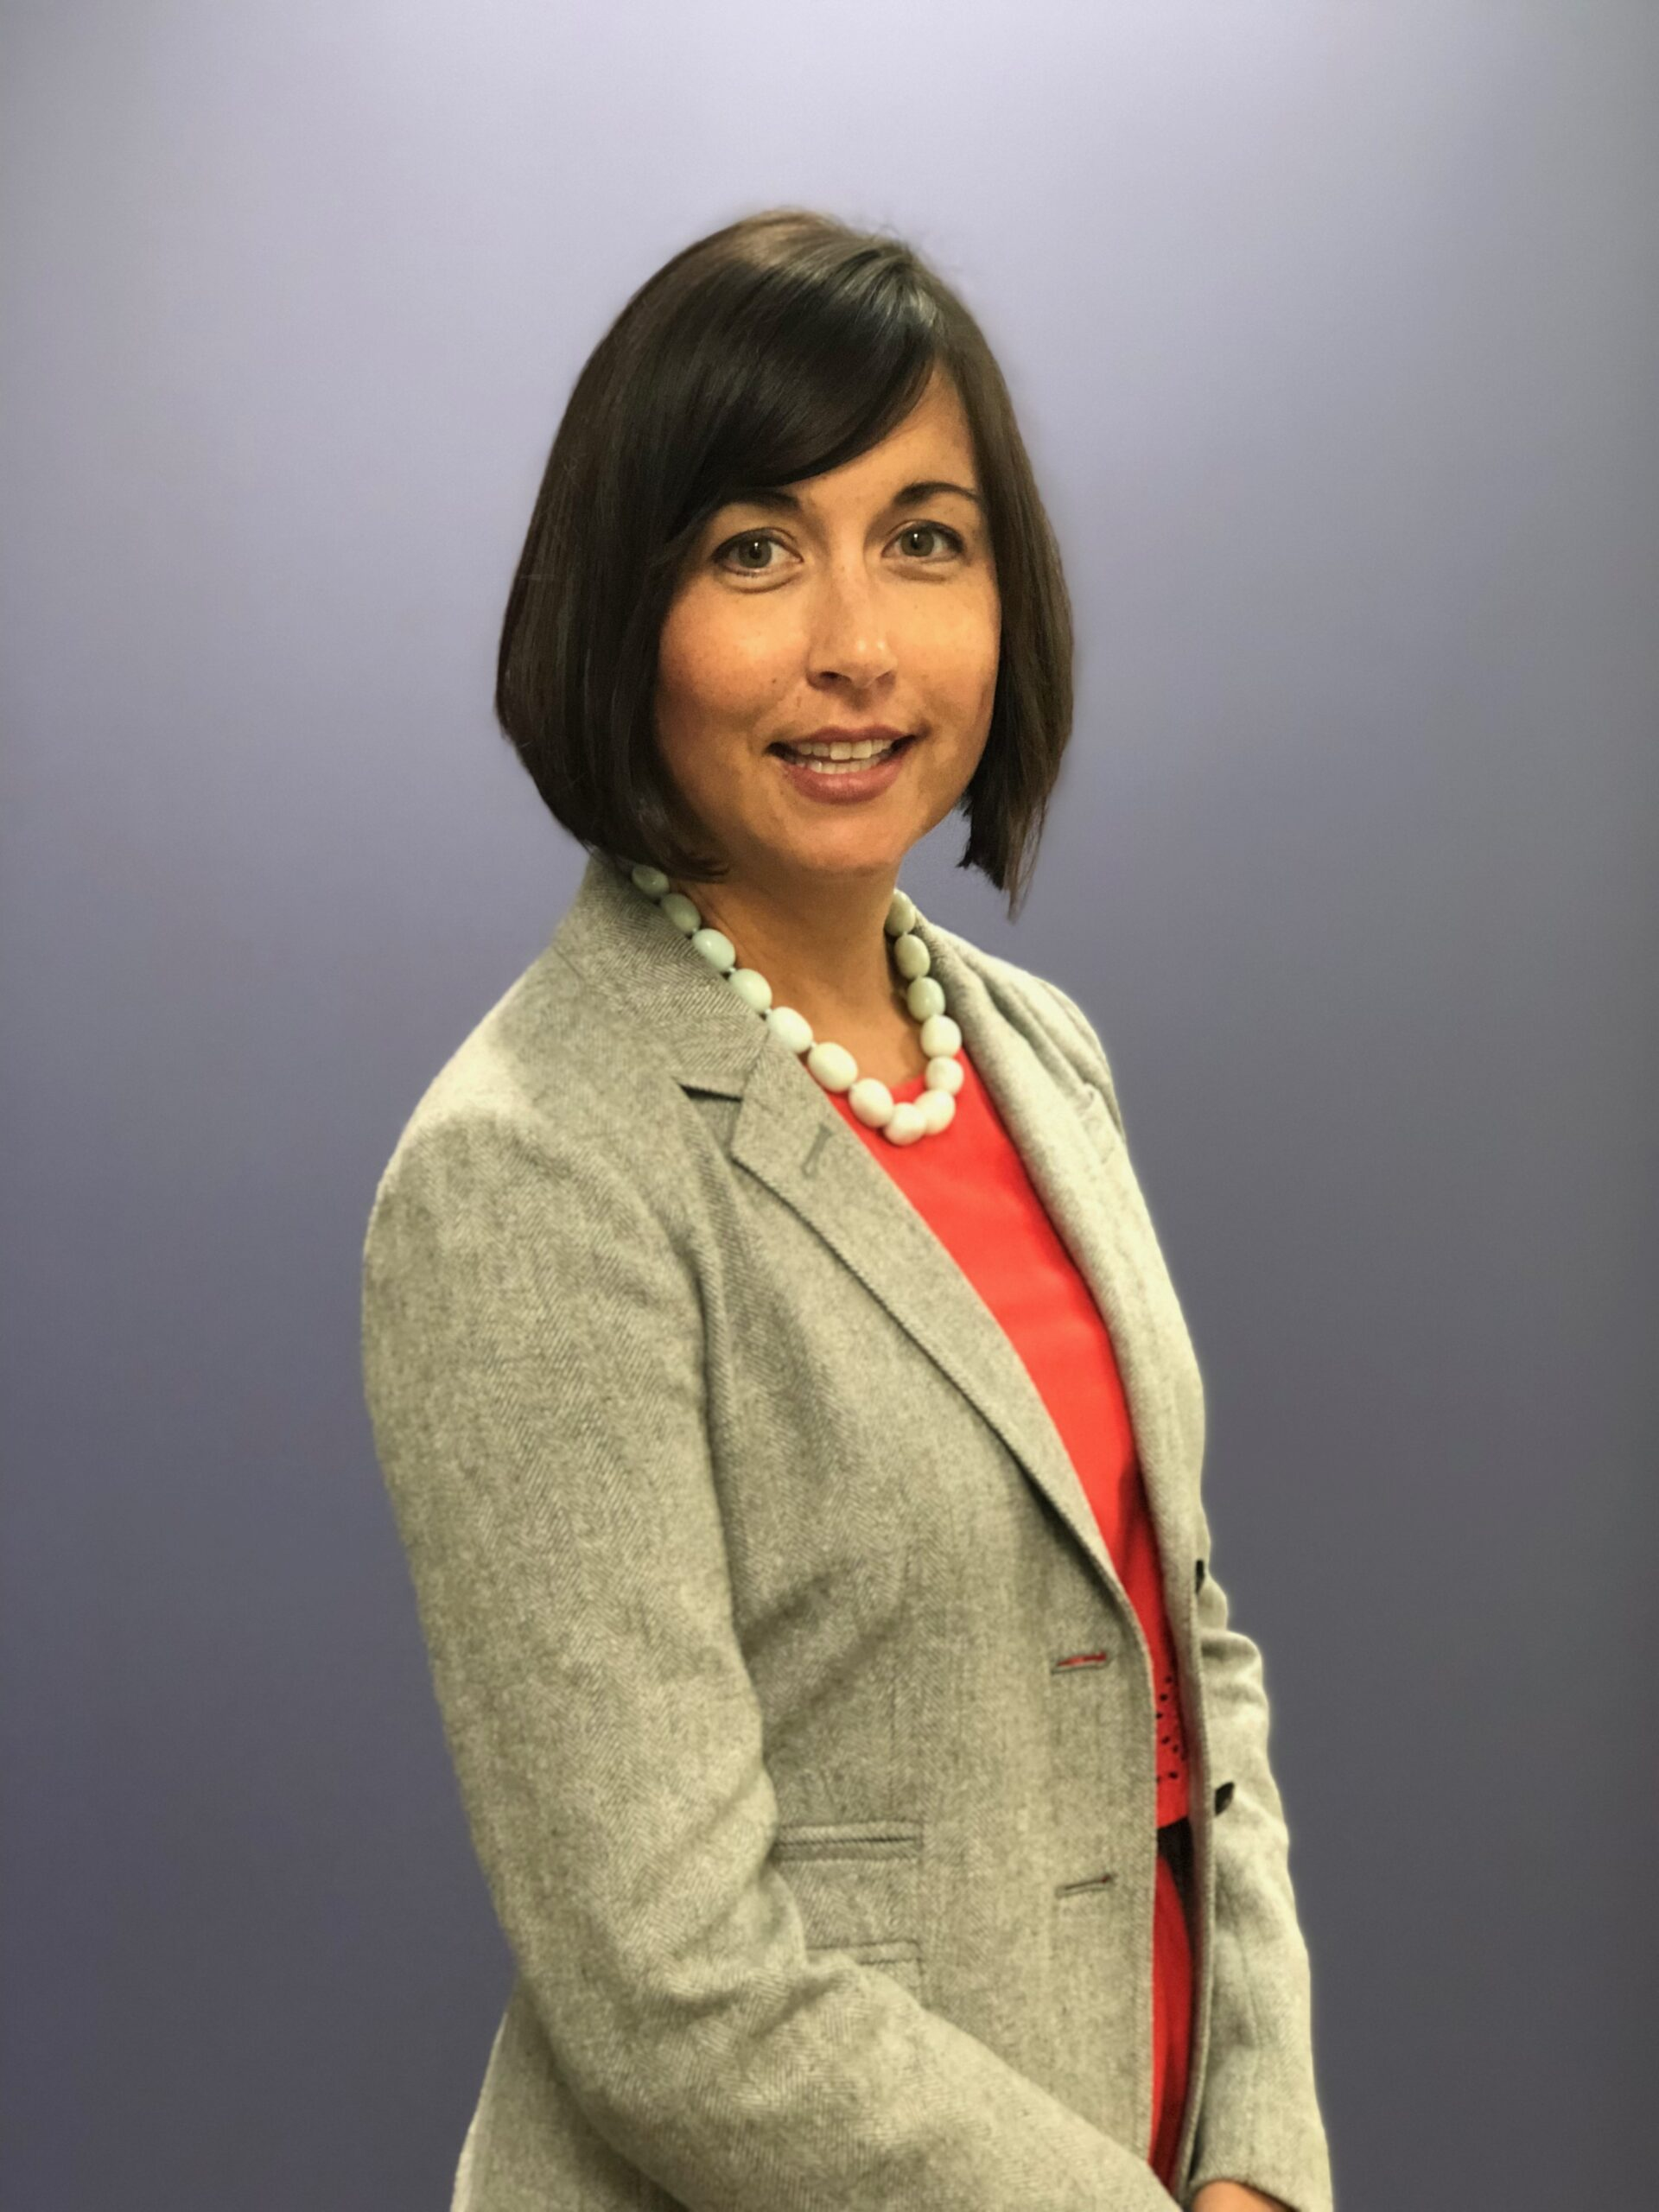 Lisa Eggebeen, MSSW, LCSW – Regional Director